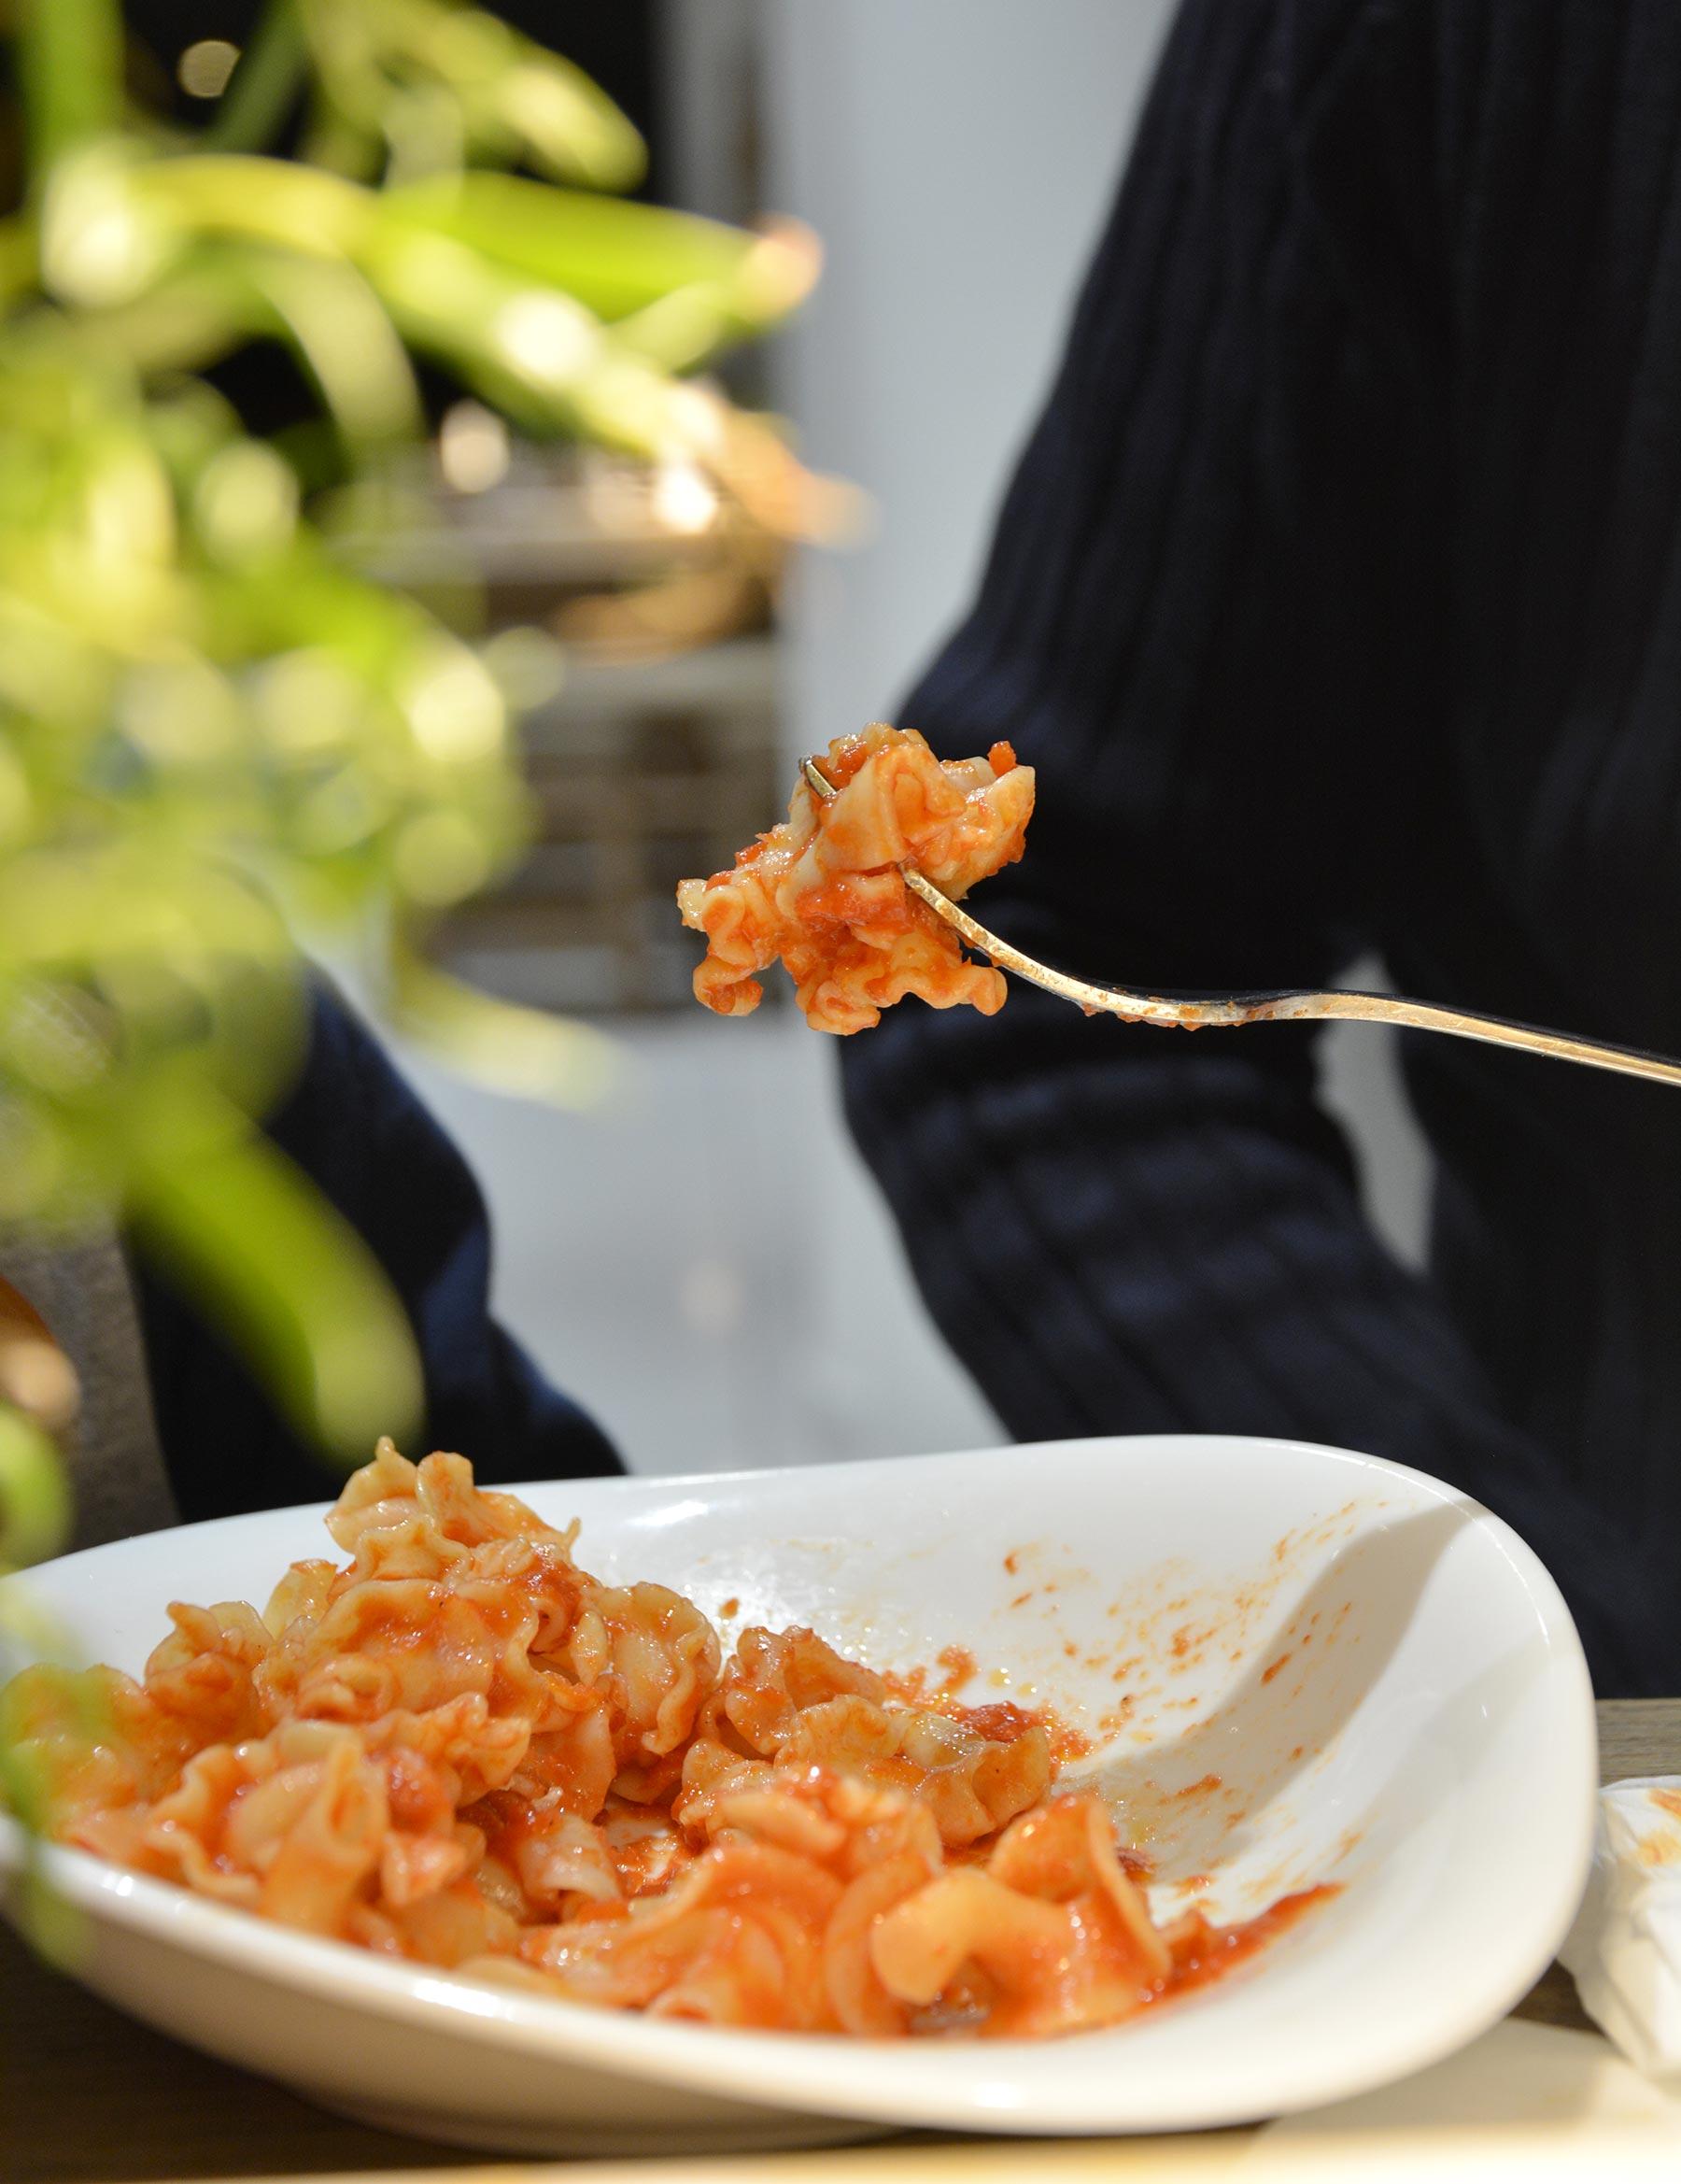 Pâtes à la sauce tomate chez Vapiano Atlantis